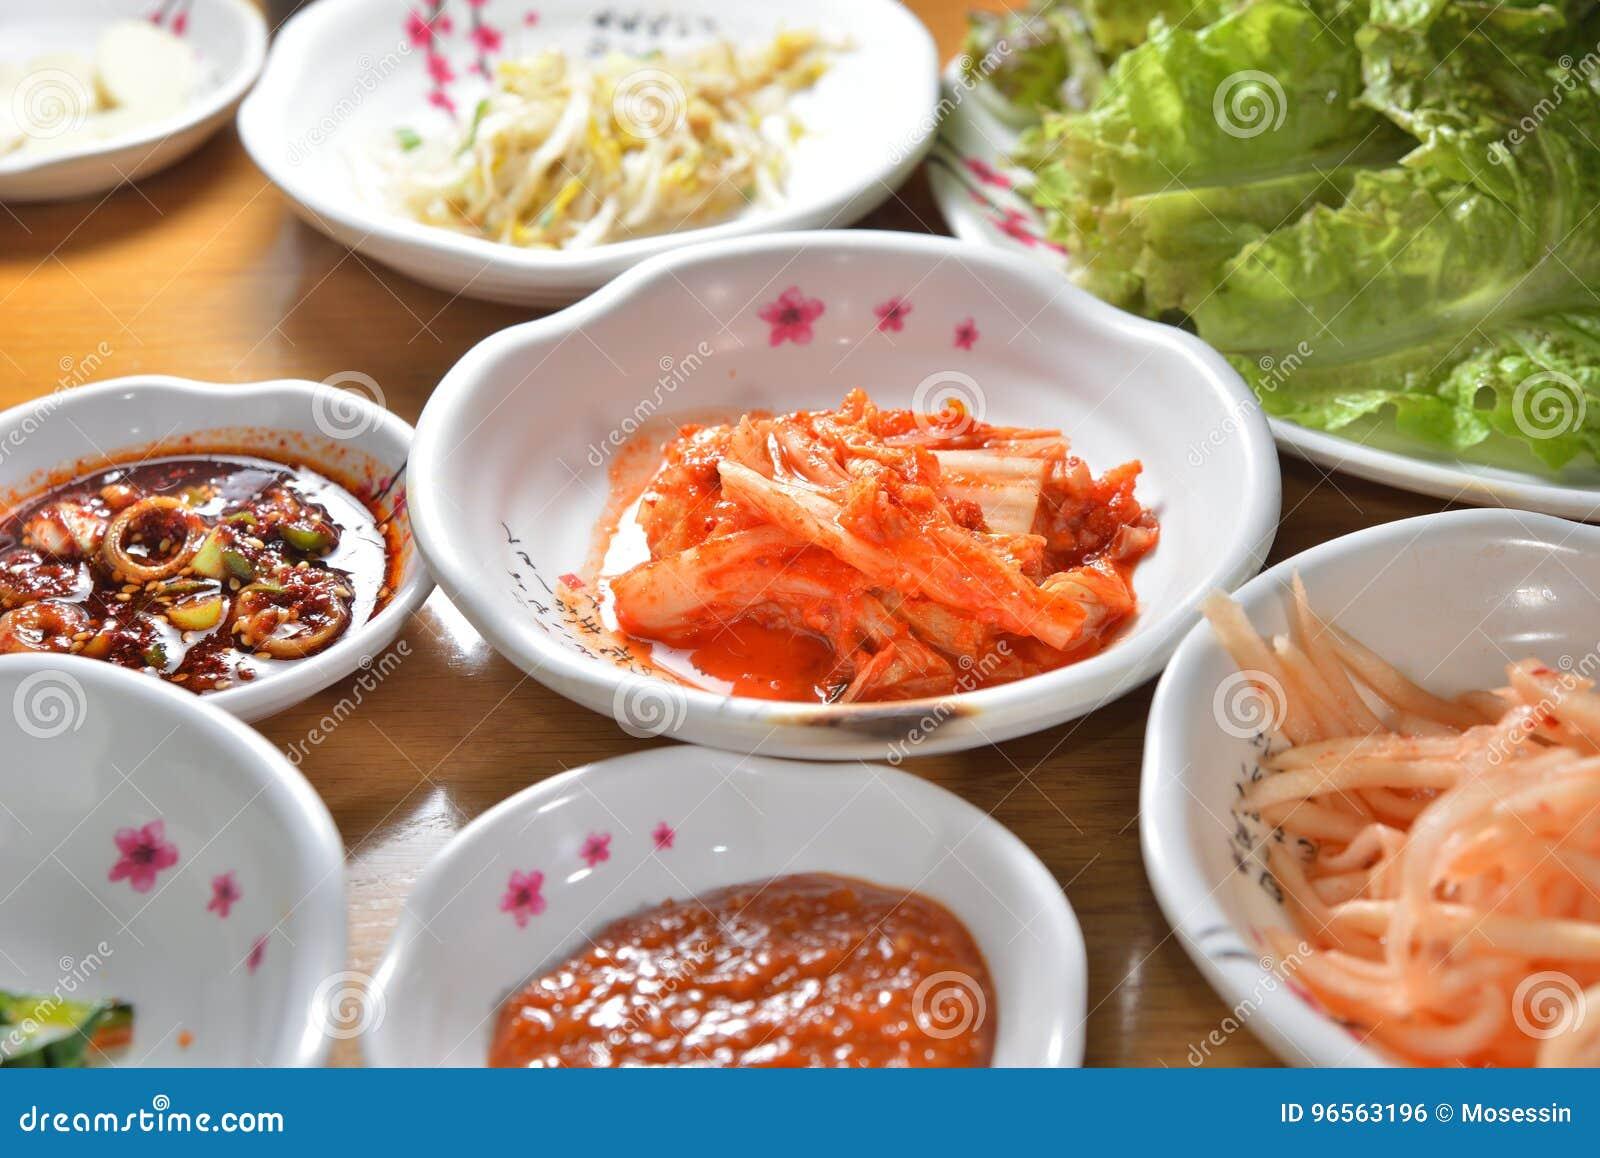 Piatto coreano di kimchi